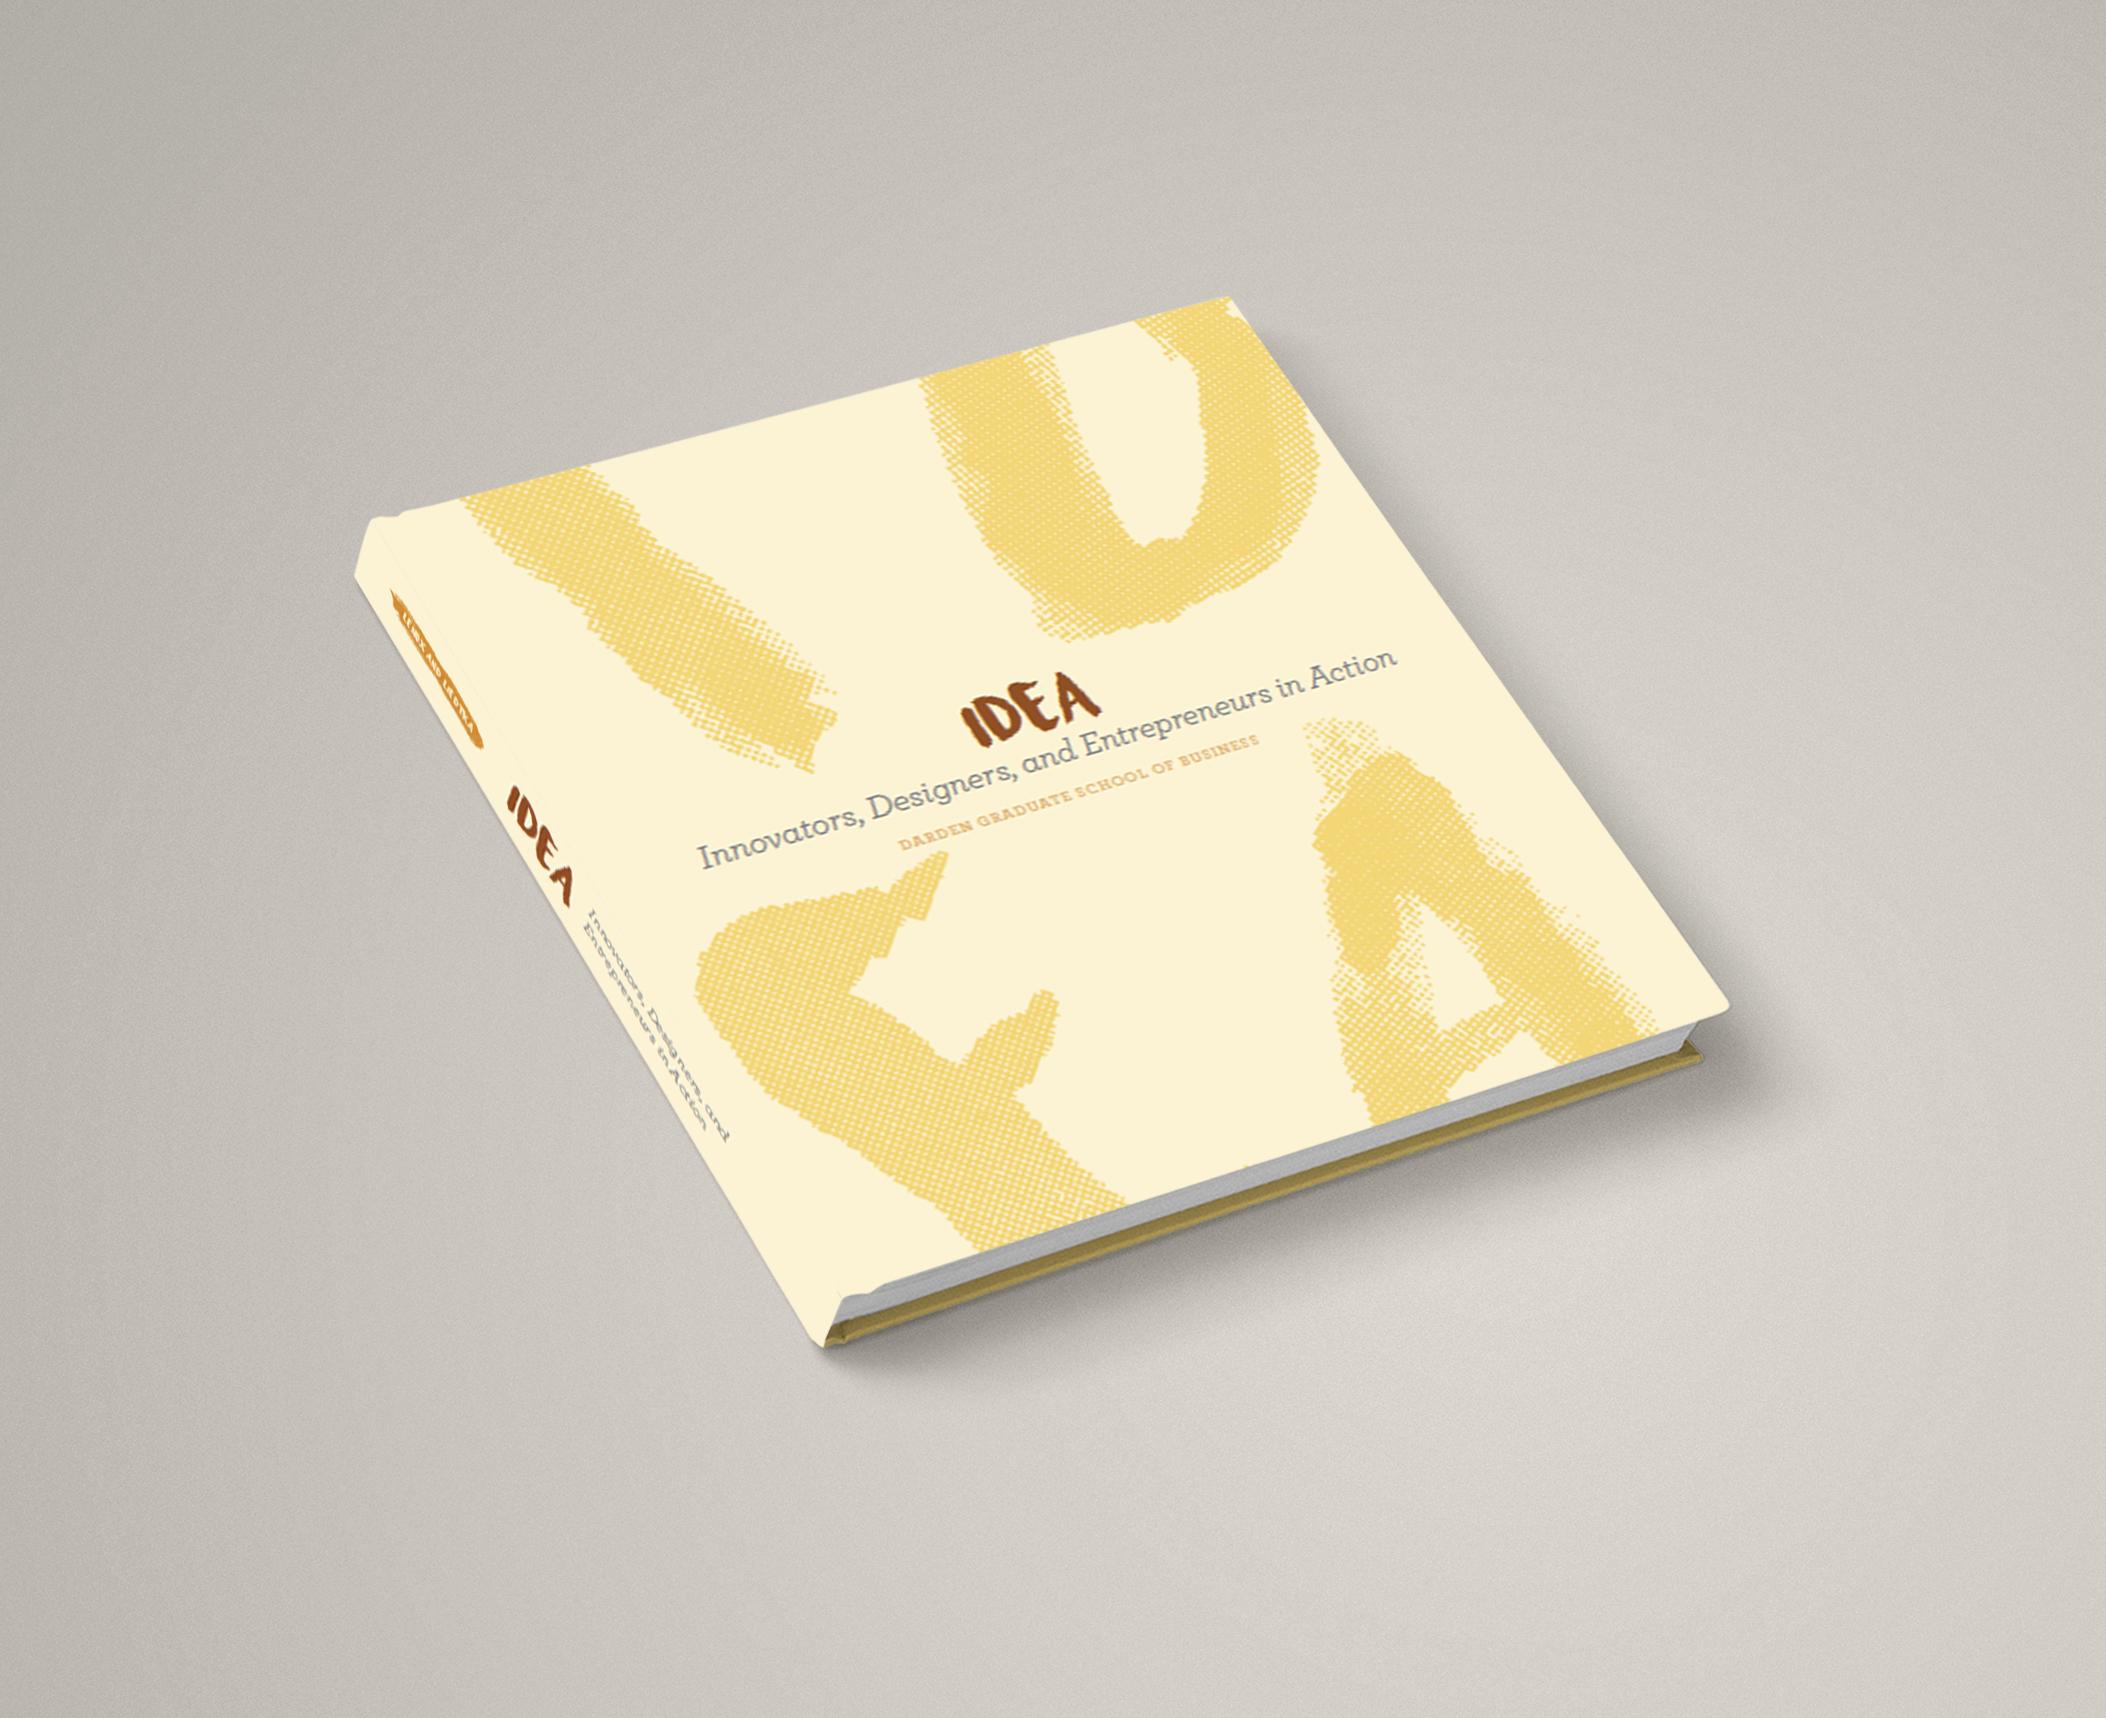 Square Book Mockup-IDEA 2.jpg